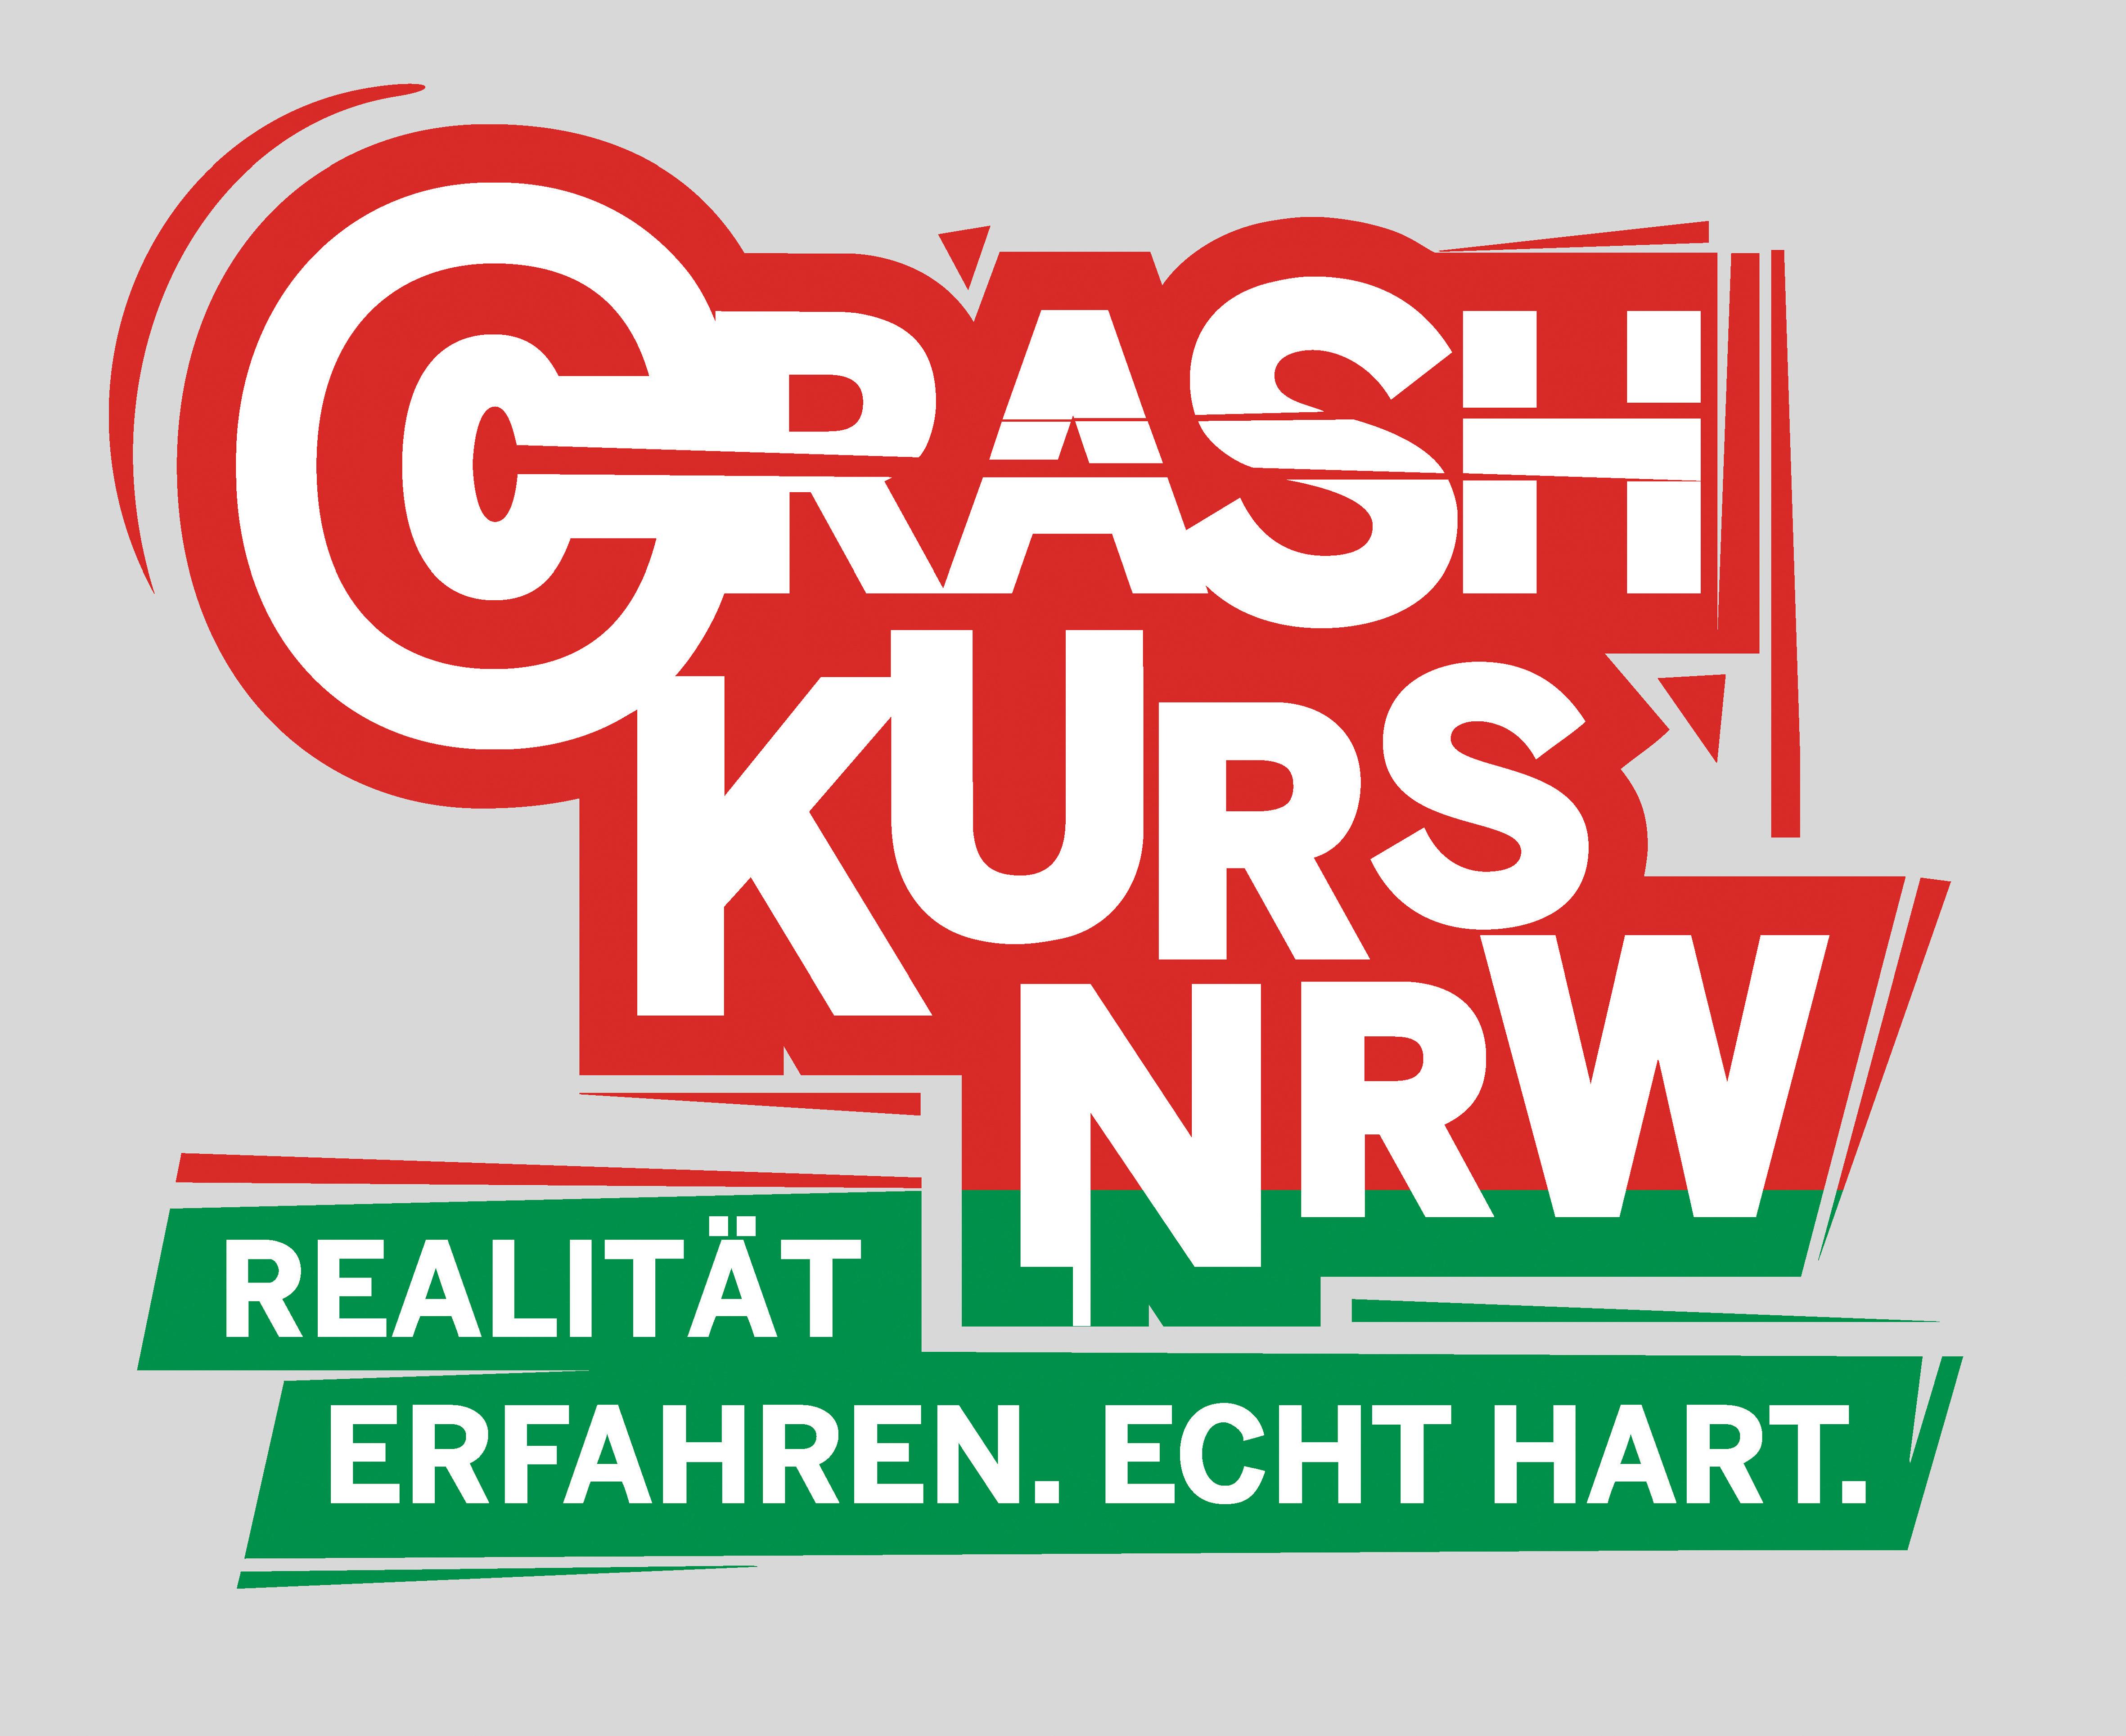 Pol Me Crash Kurs Nrw Realität Erfahren Echt Hart Hilden